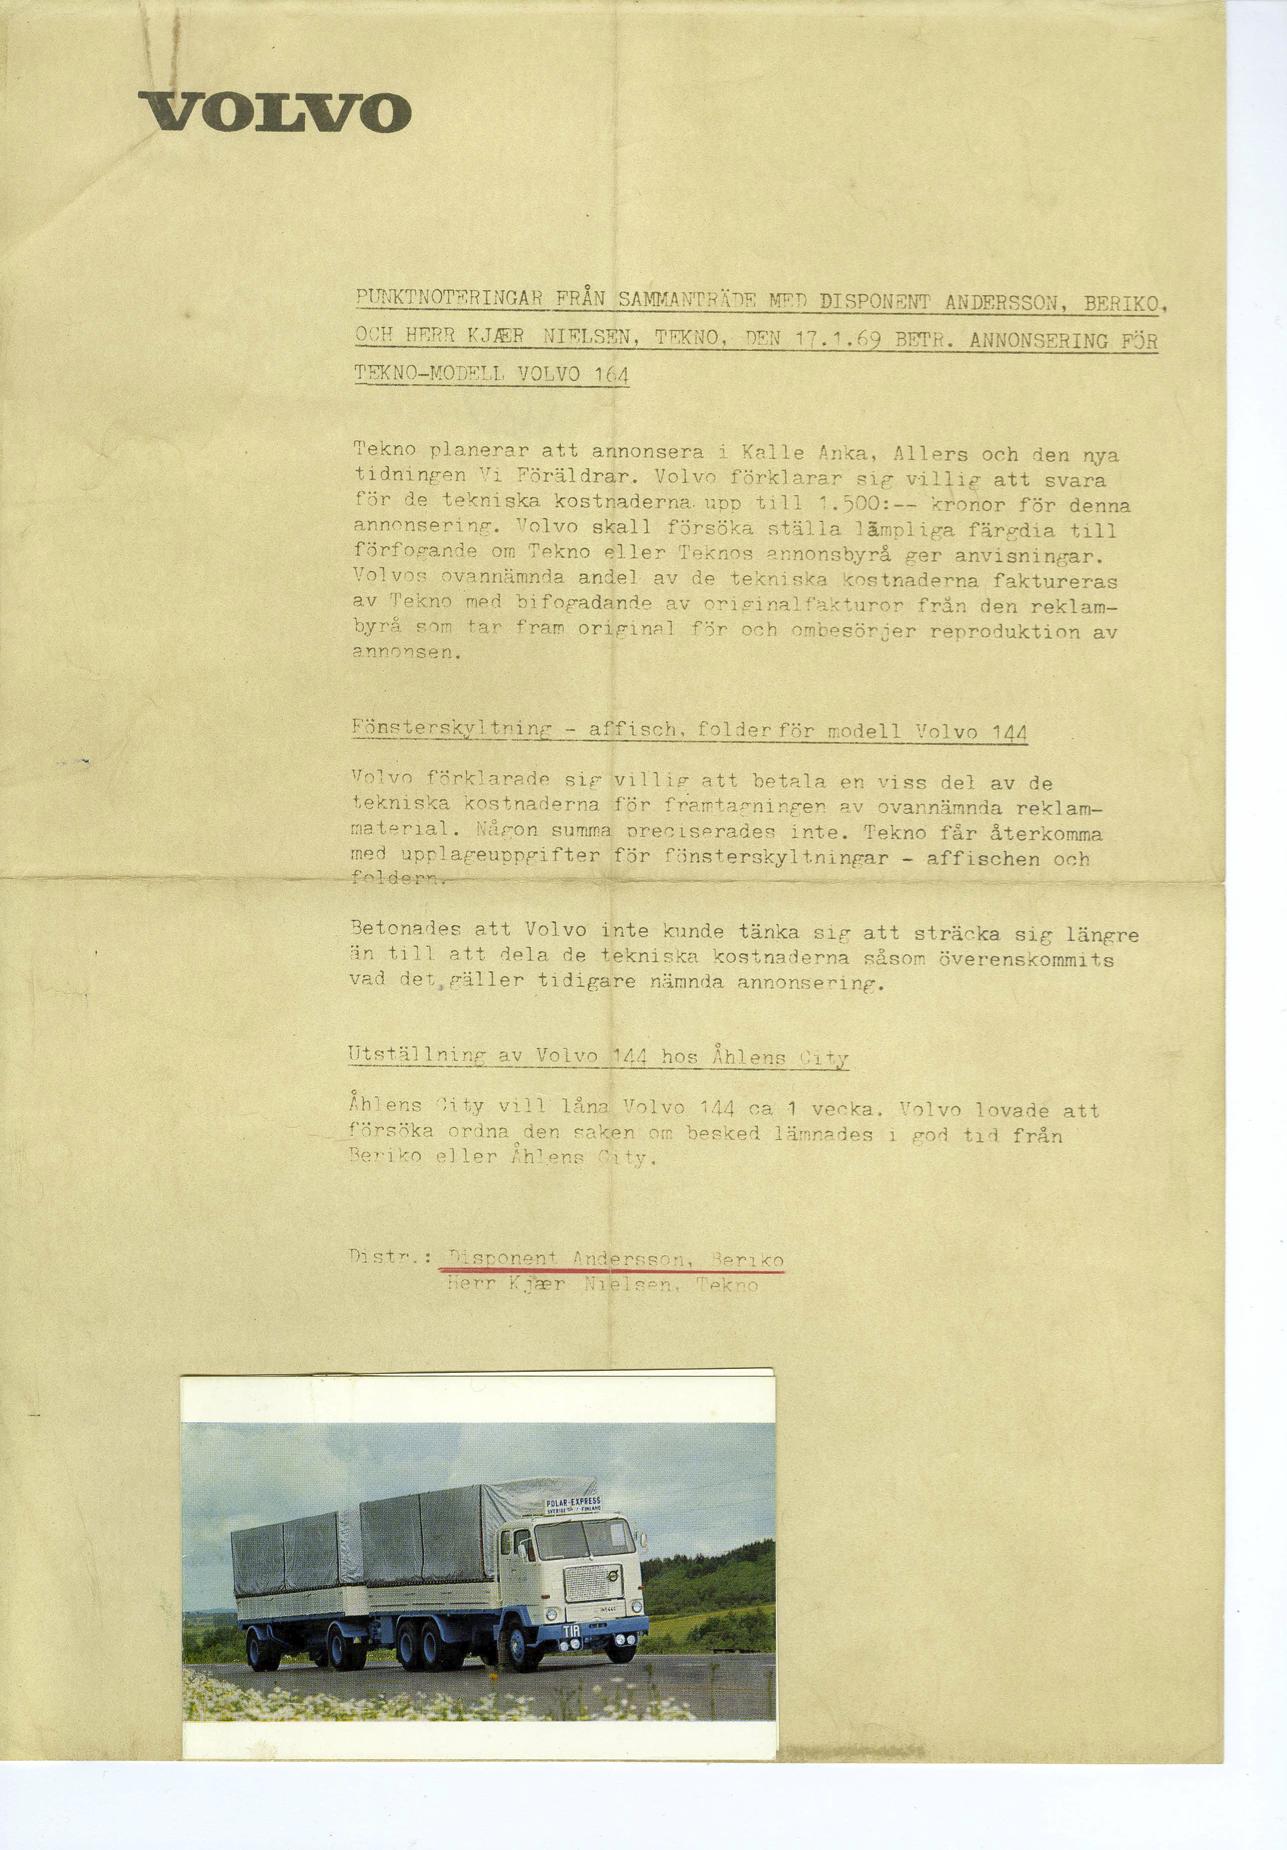 Berico brev Volvo